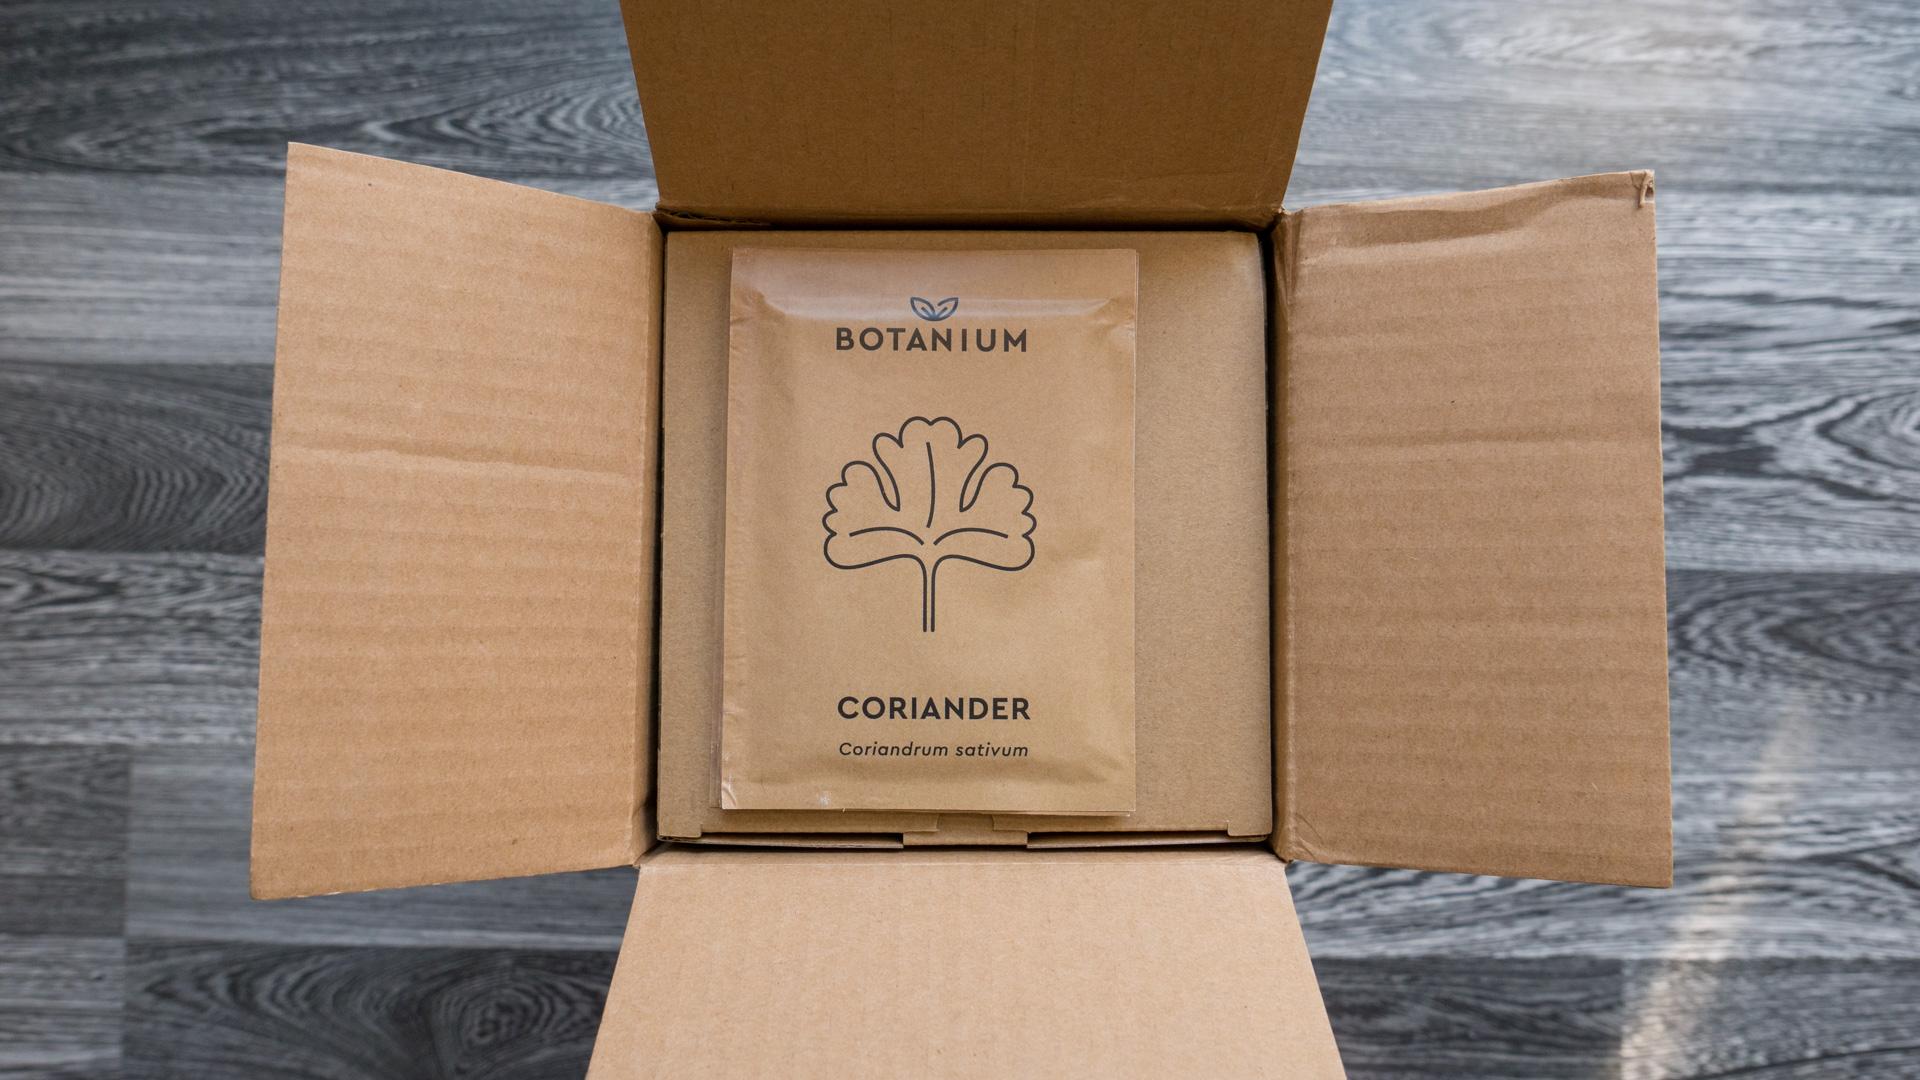 Botanium Unboxing 02